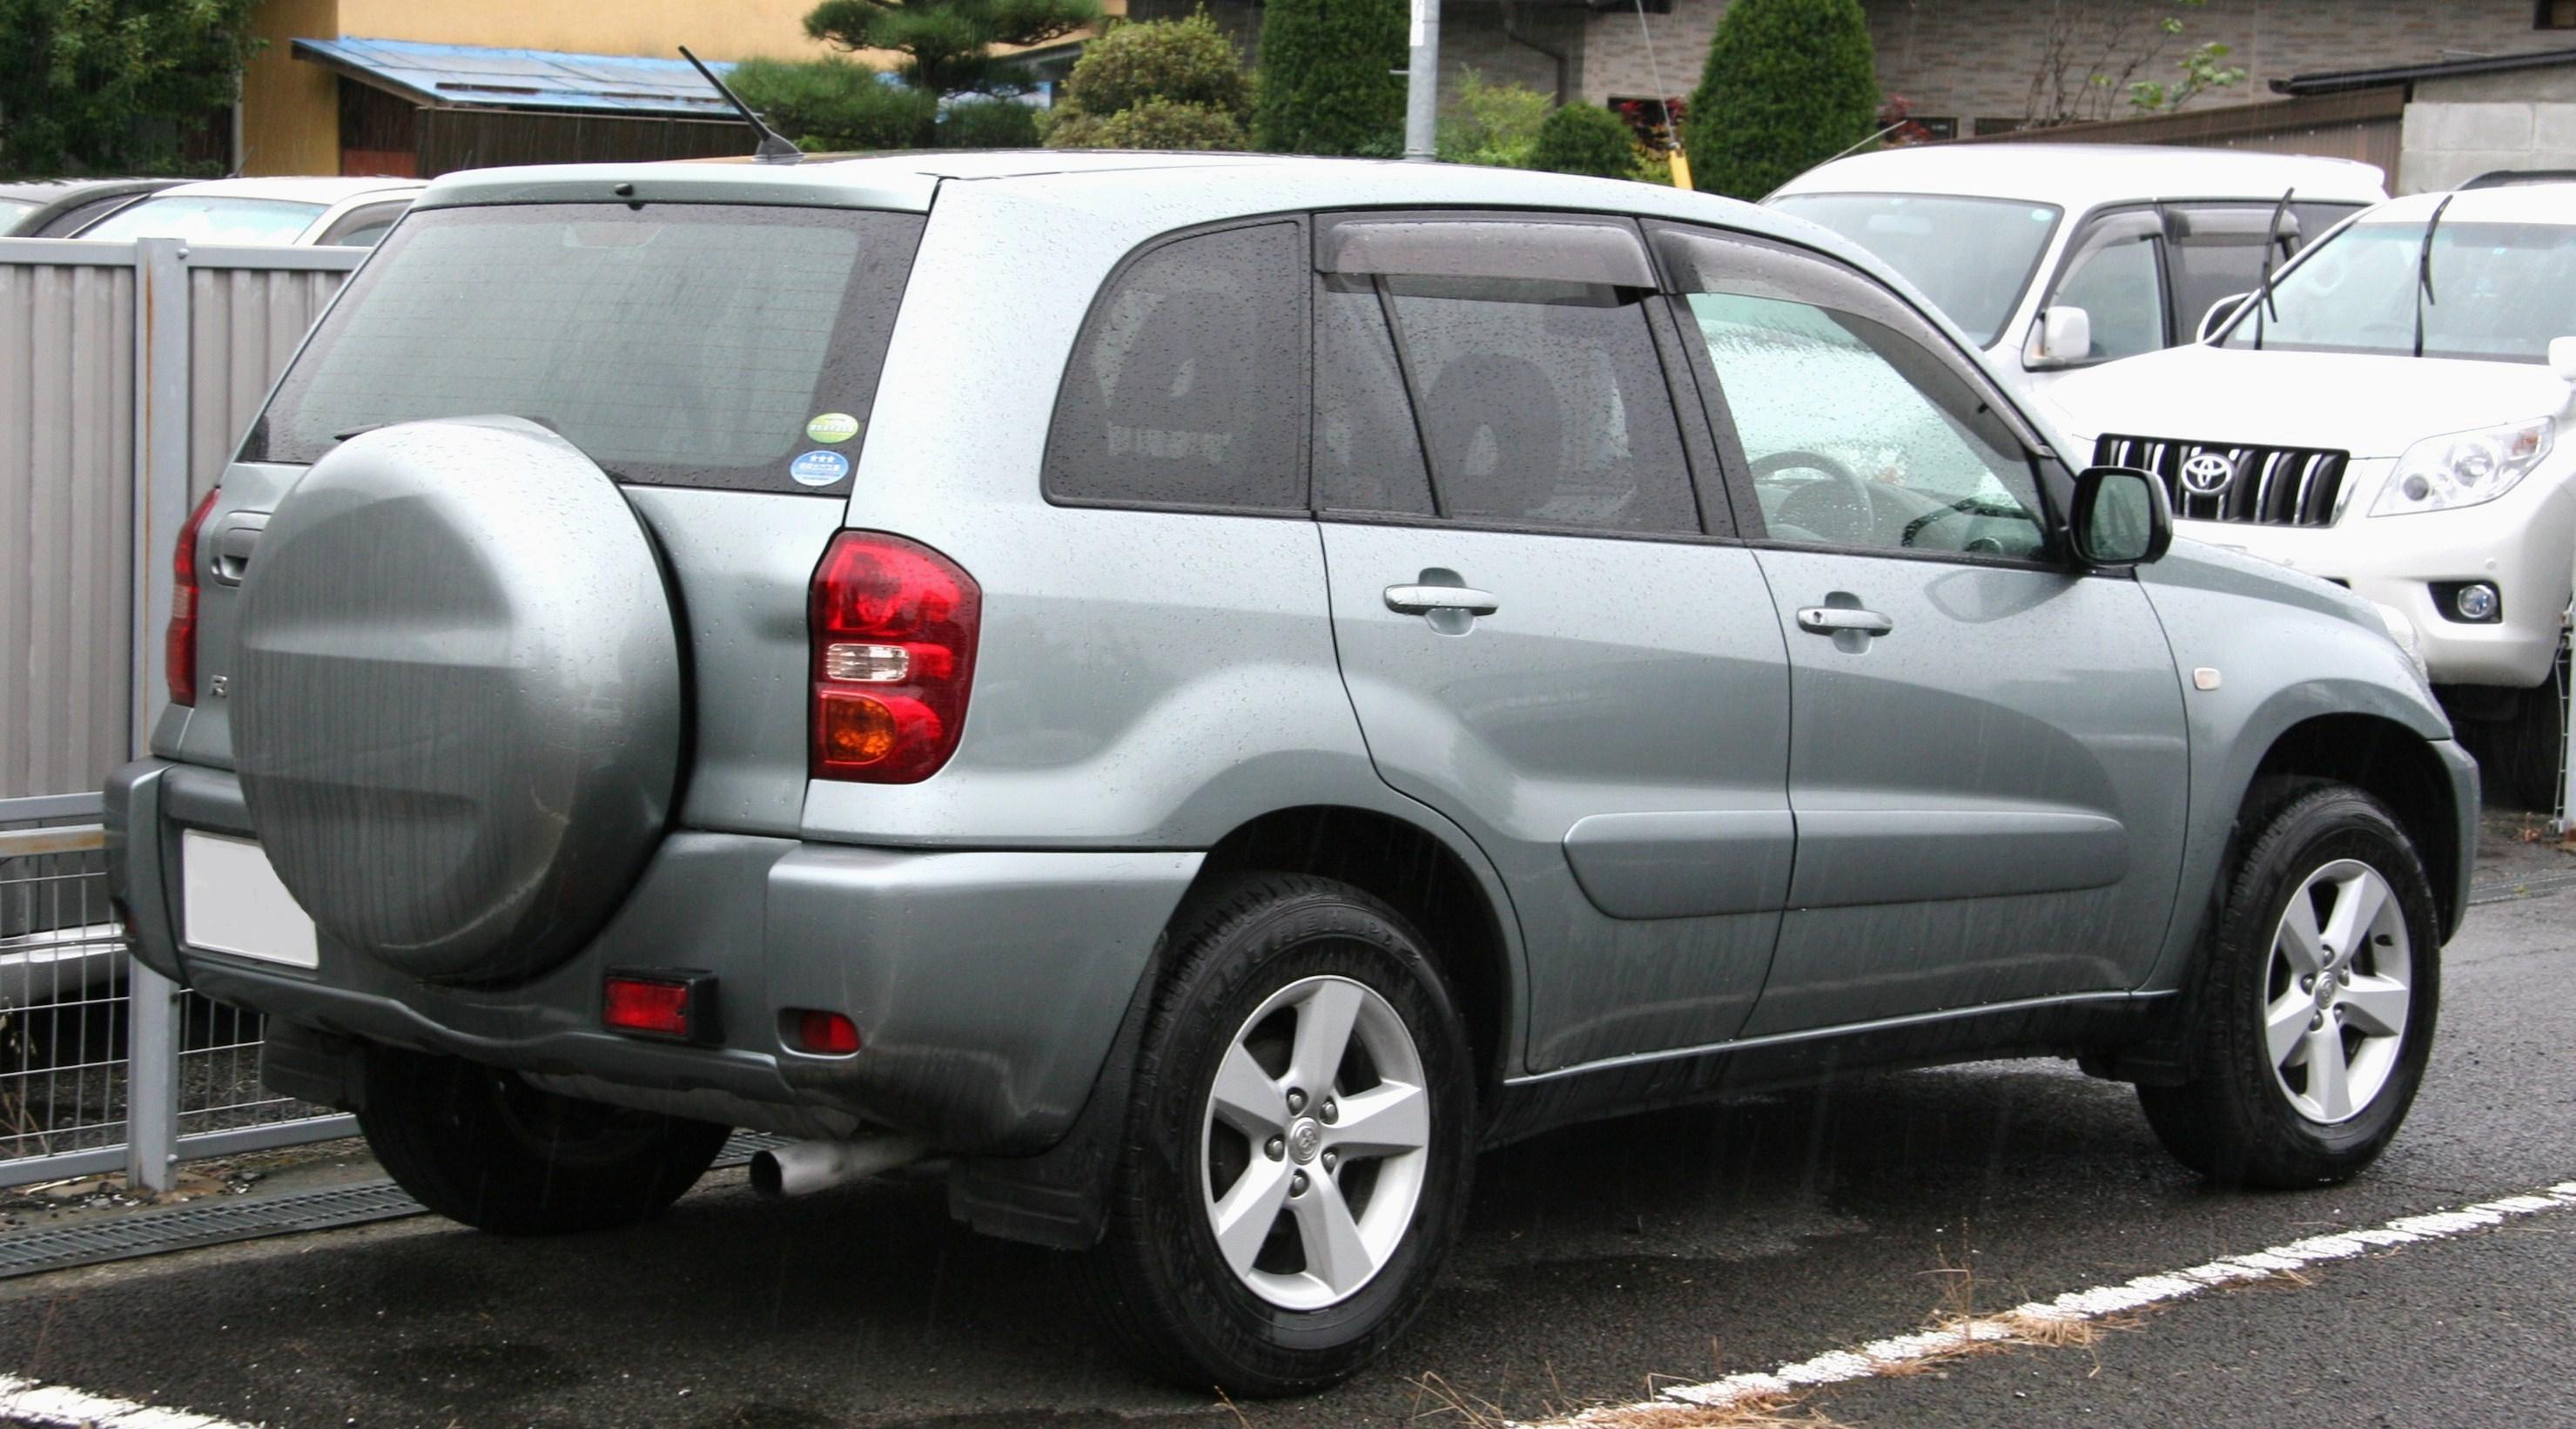 Toyota Rav Interior >> 2005 TOYOTA RAV4 - Image #10